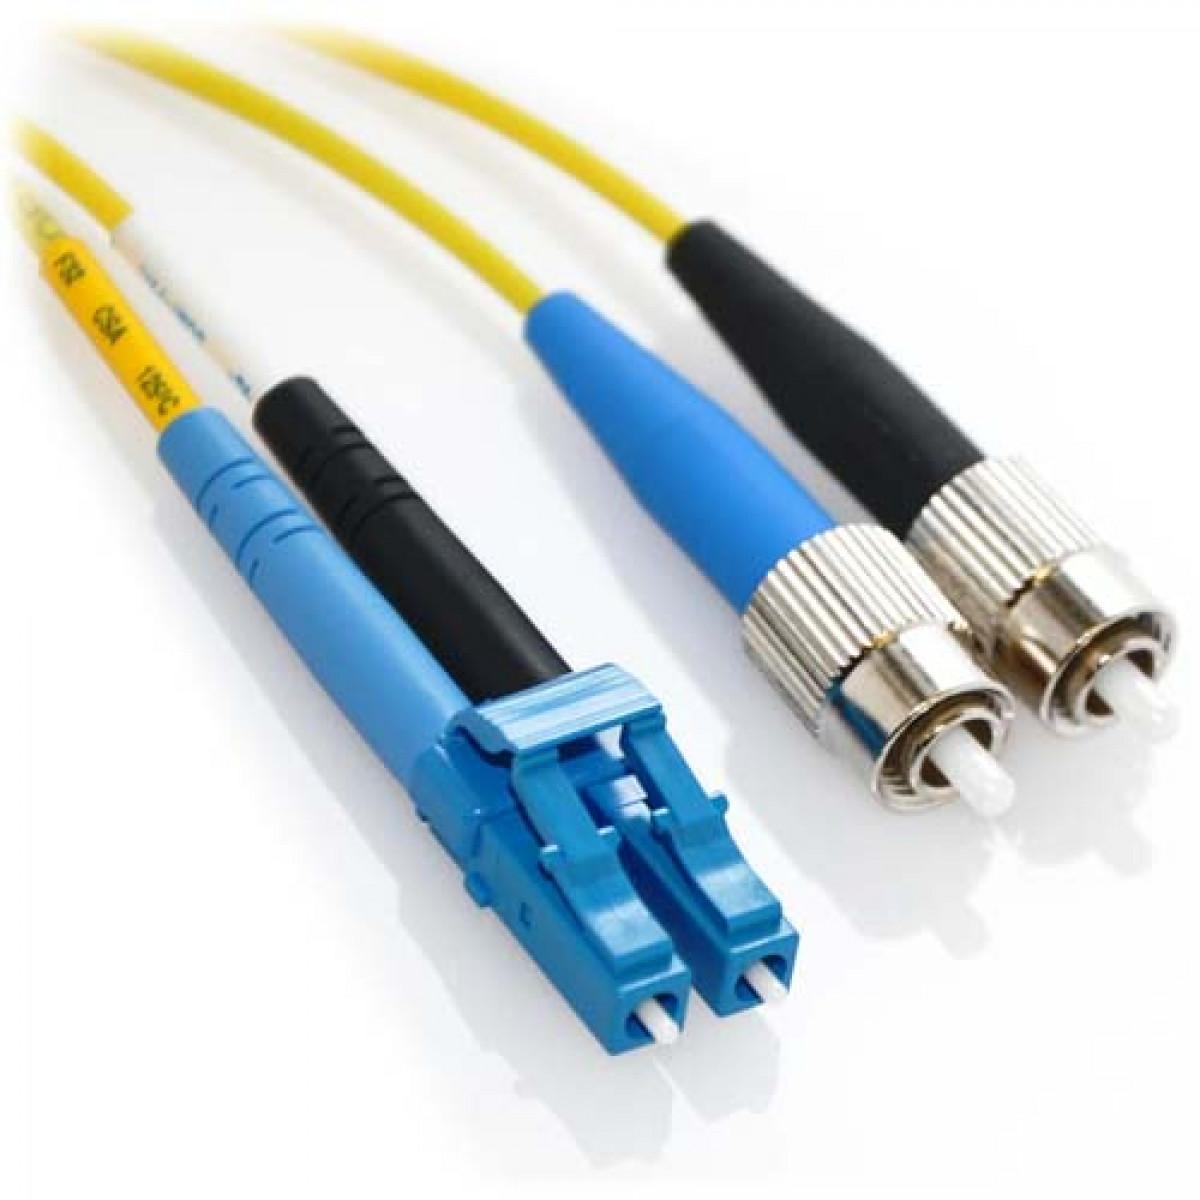 5m LC FC Duplex 9 125 Singlemode Bend Insensitive Fiber Patch Cable